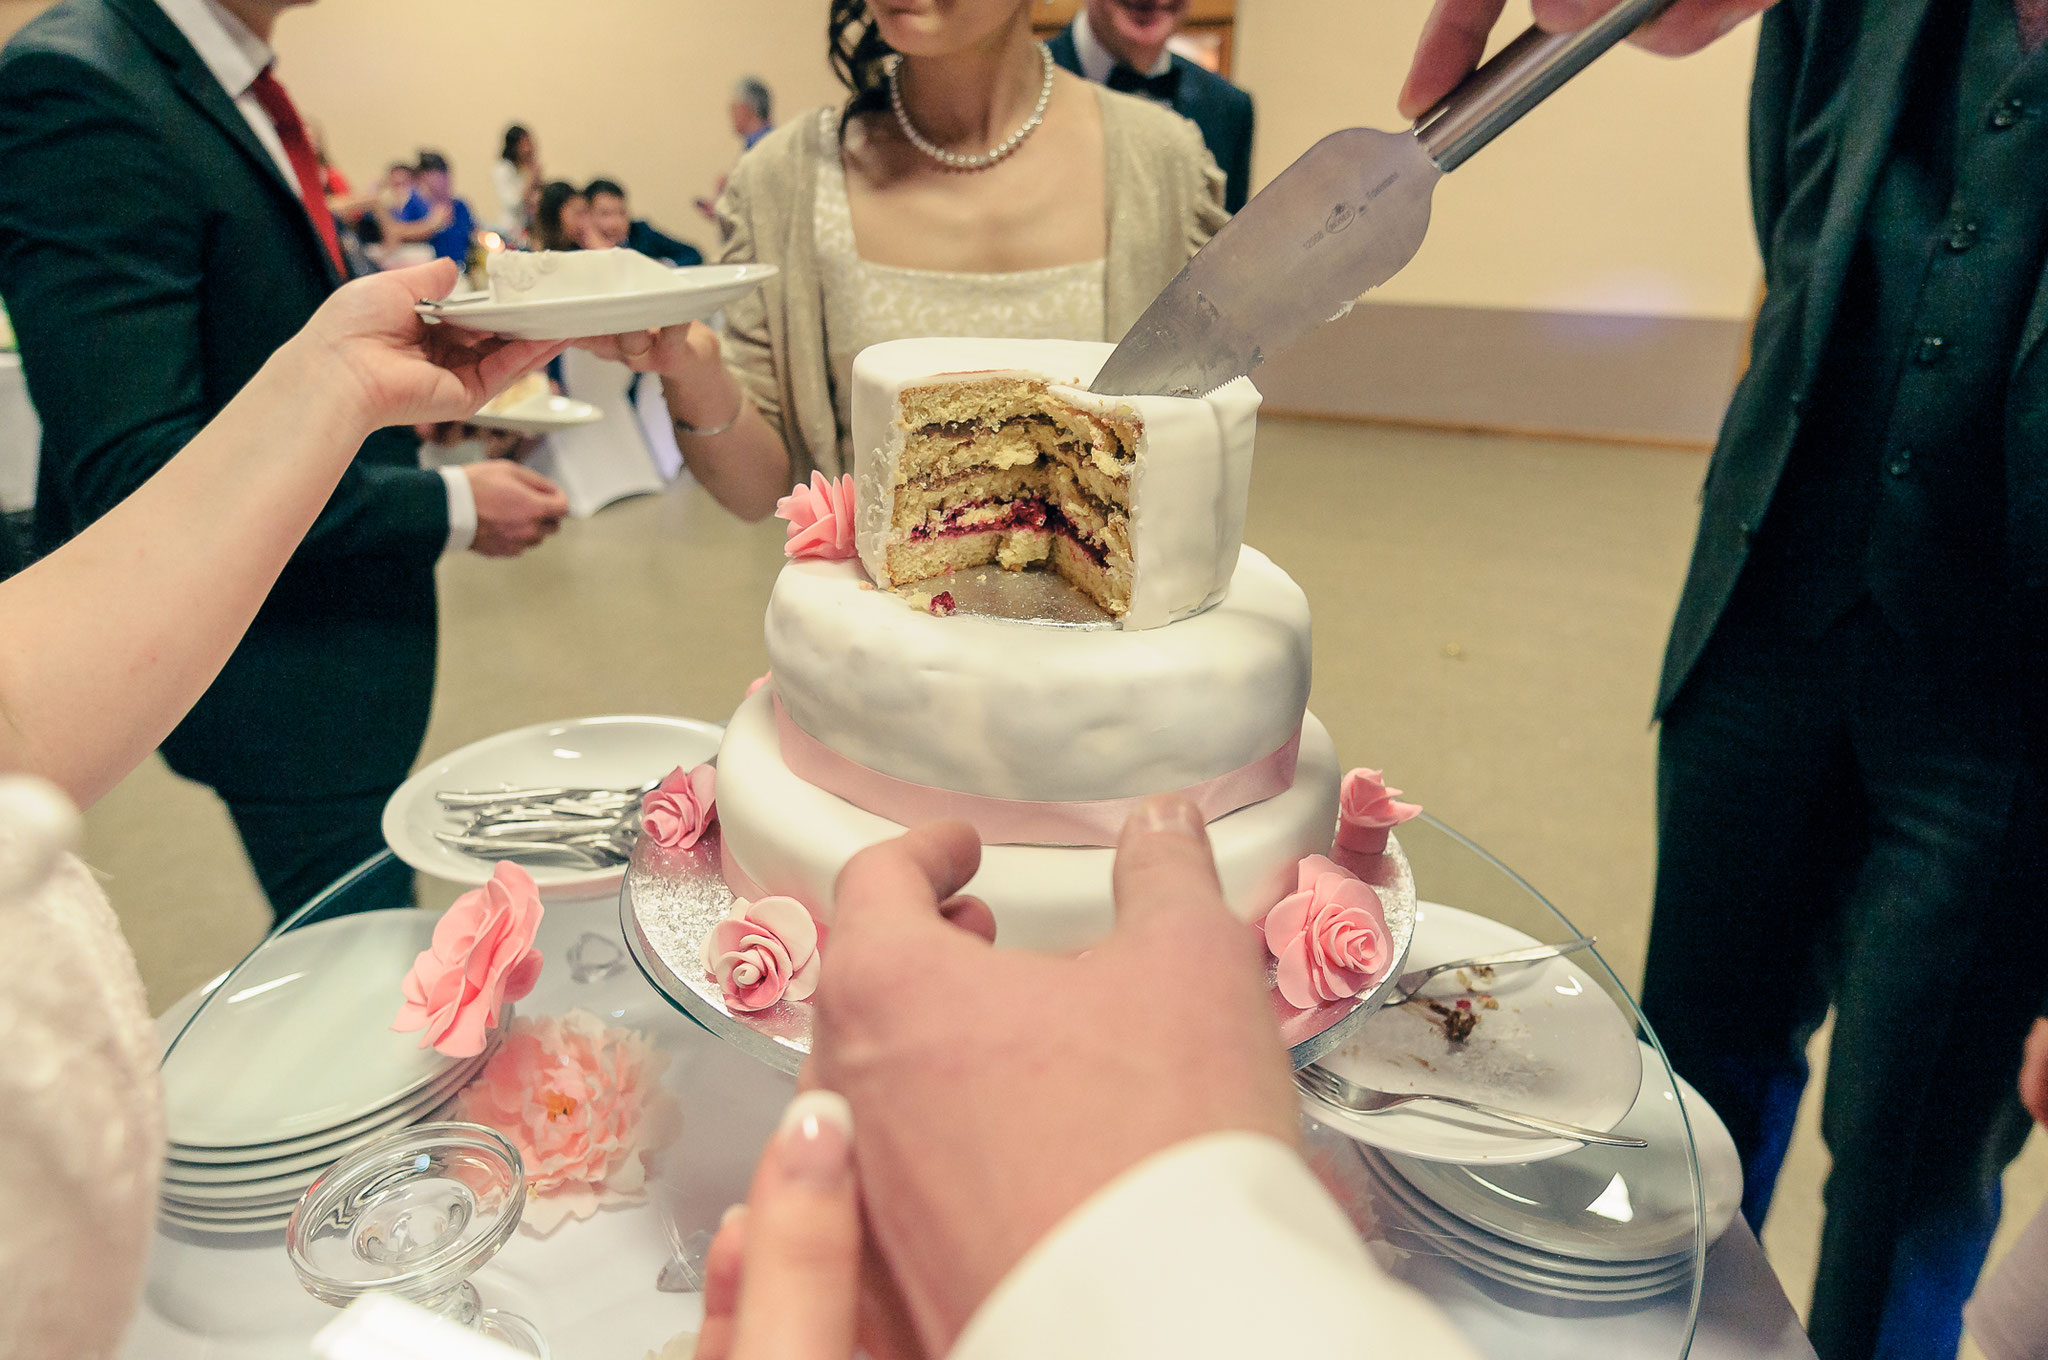 Hochzeitstorte wird angeschnitten